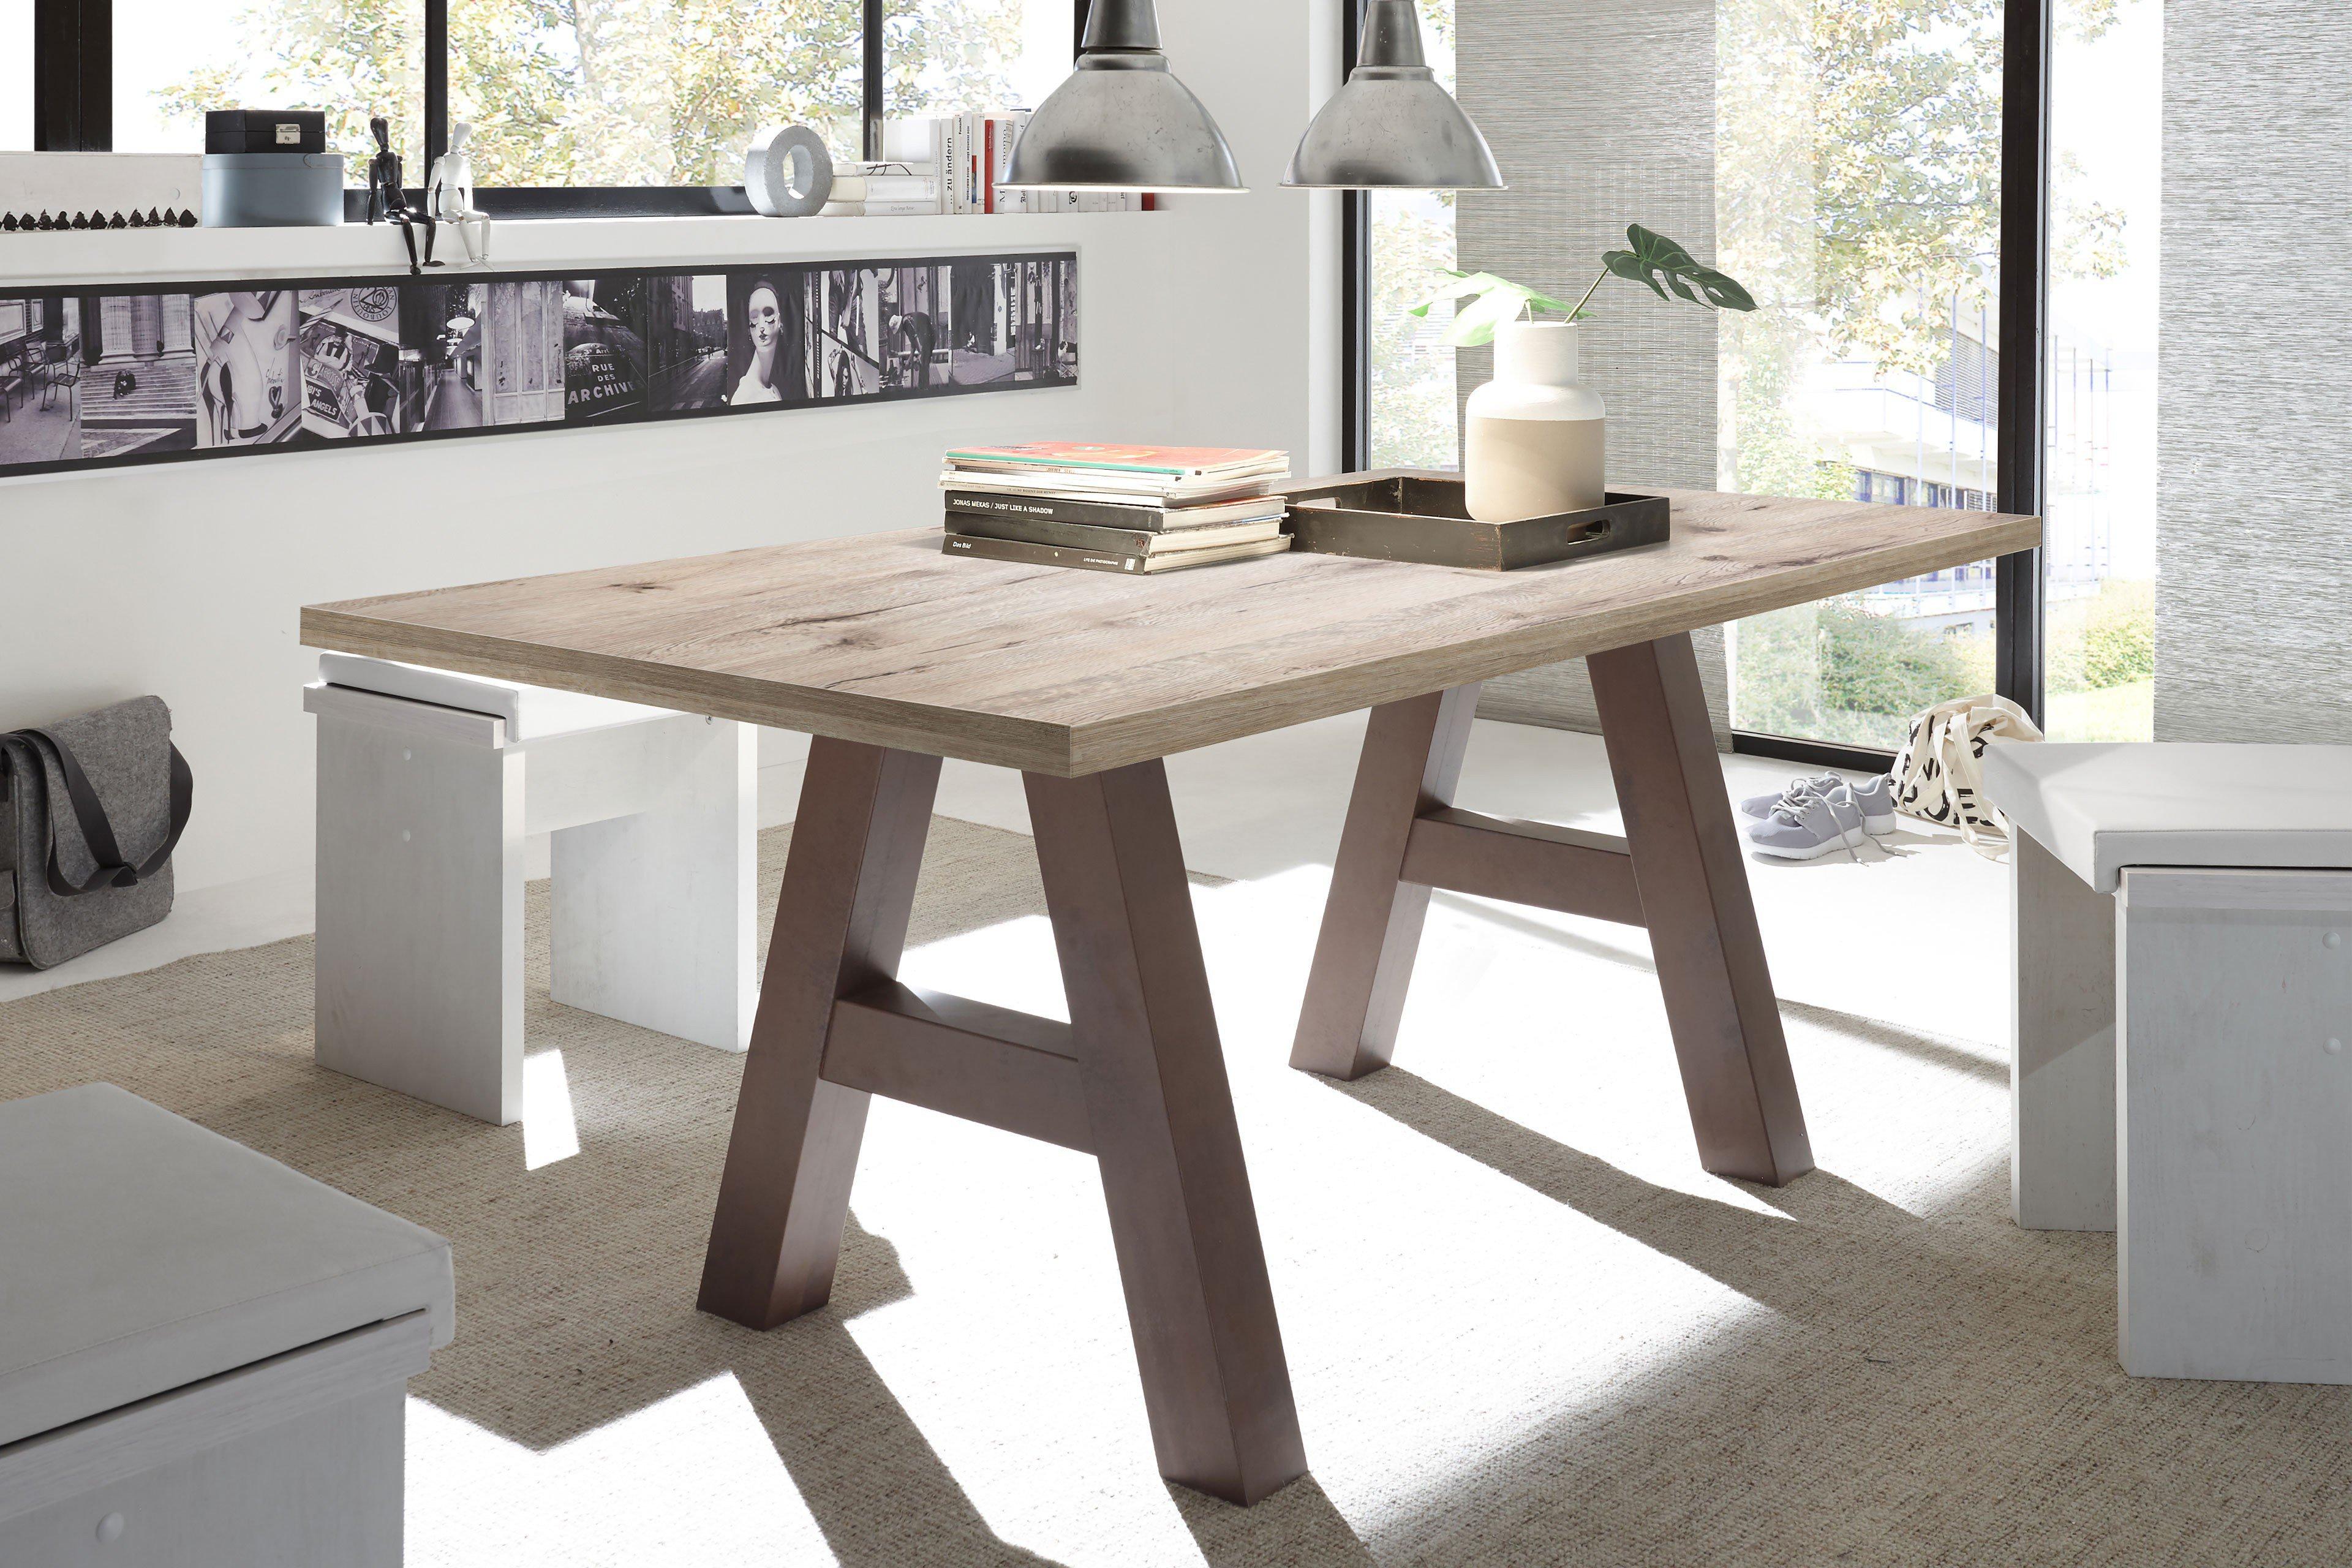 esstisch mister a trey sandeiche rost von m usbacher m bel letz ihr online shop. Black Bedroom Furniture Sets. Home Design Ideas